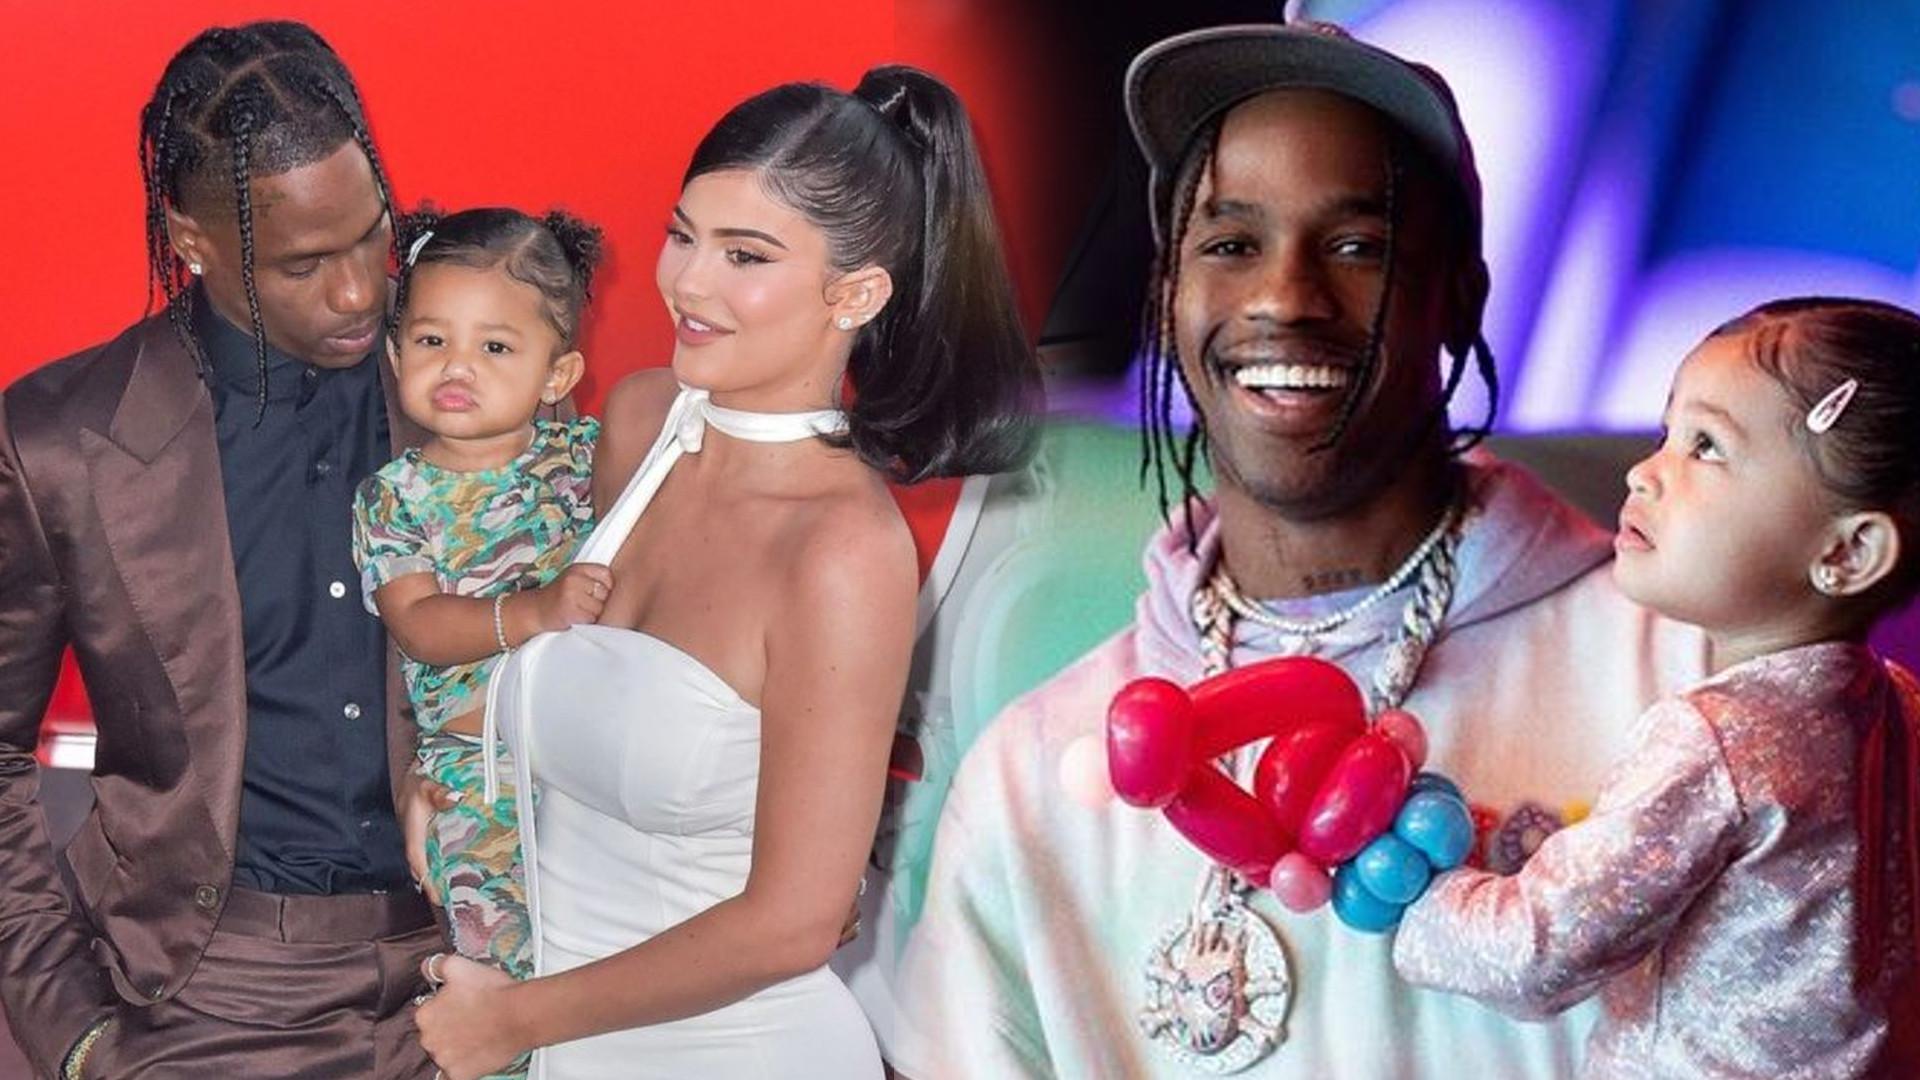 Kylie Jenner wyznała MIŁOŚĆ Travisowi Scottowi na Instagramie. Pokazała niepublikowane zdjęcia, również te z PORODÓWKI